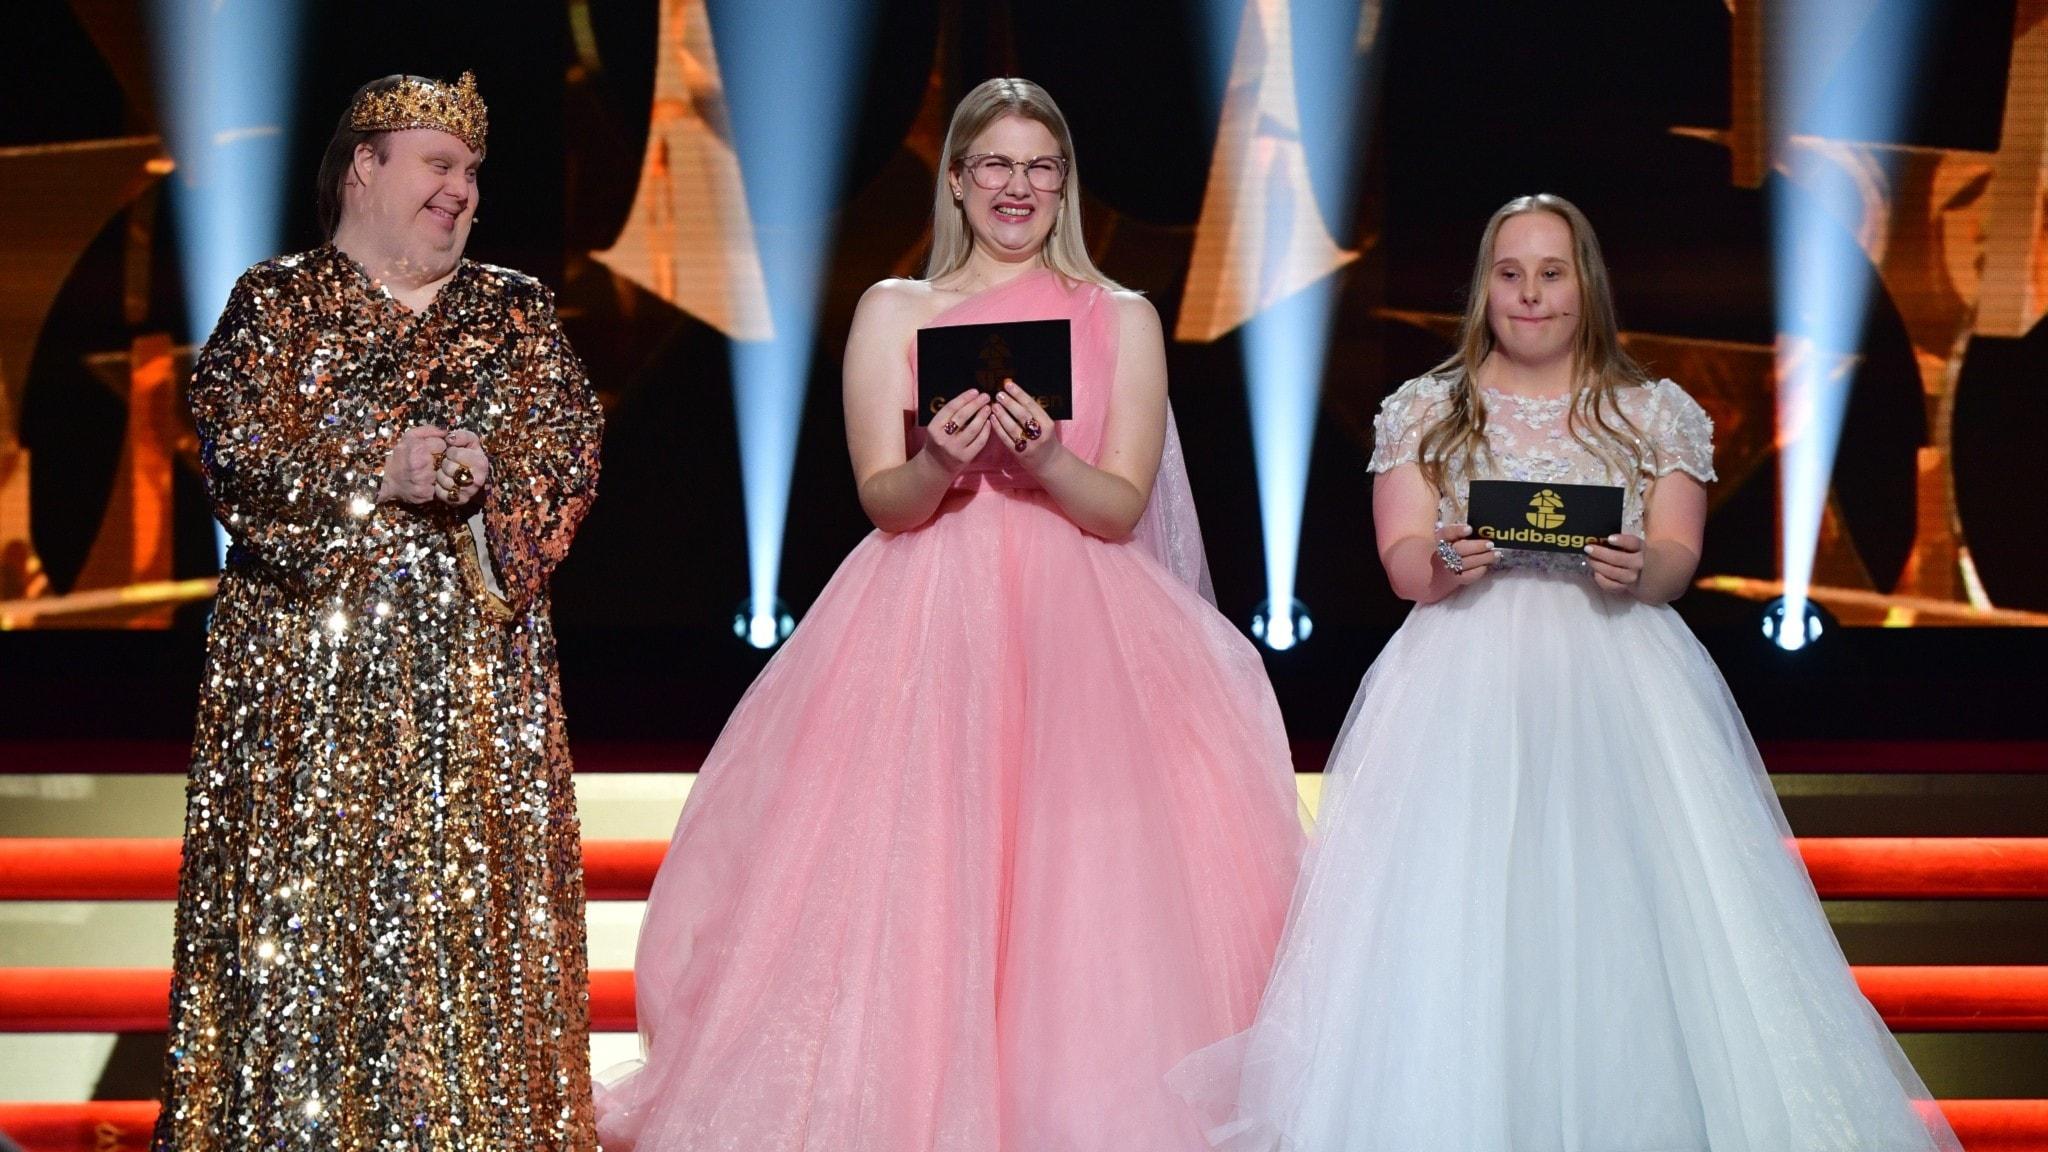 Nicklas Hillberg, Emma Örtlund och Ida Johansson från Glada Hudikteatern när de delade ut pris på Guldbaggegalan.